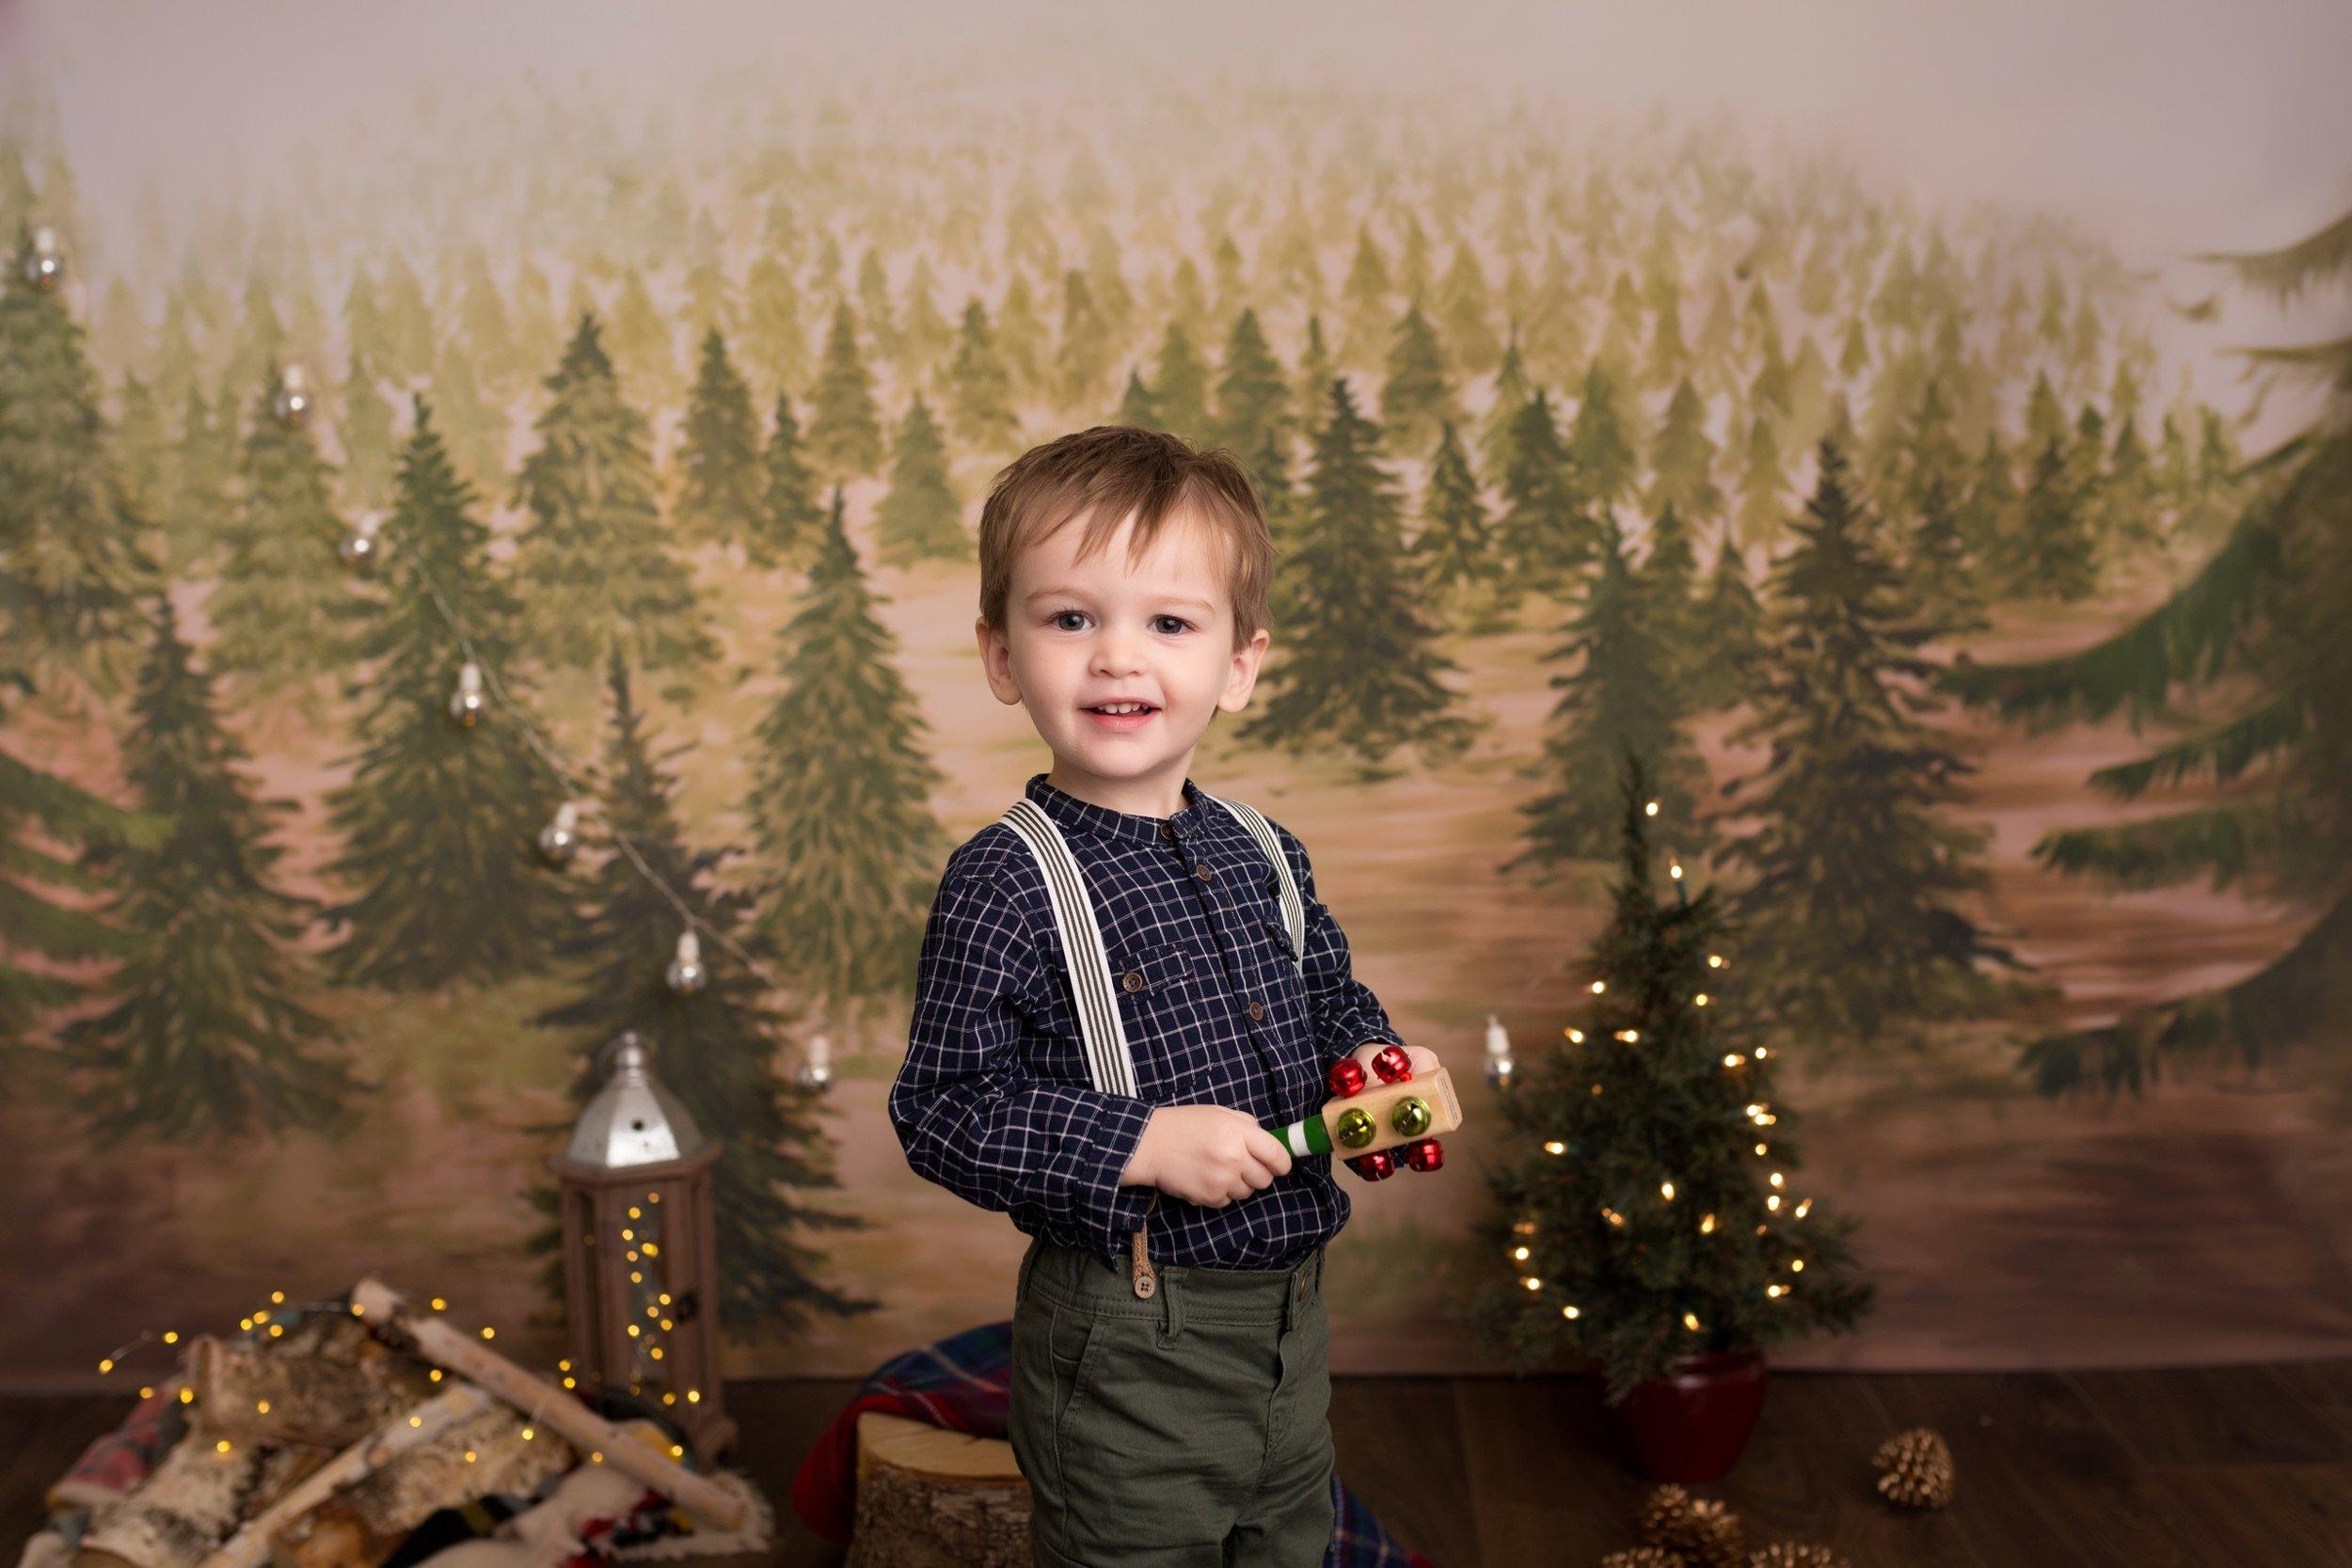 holidayminisessionsmaryland_0001.jpg